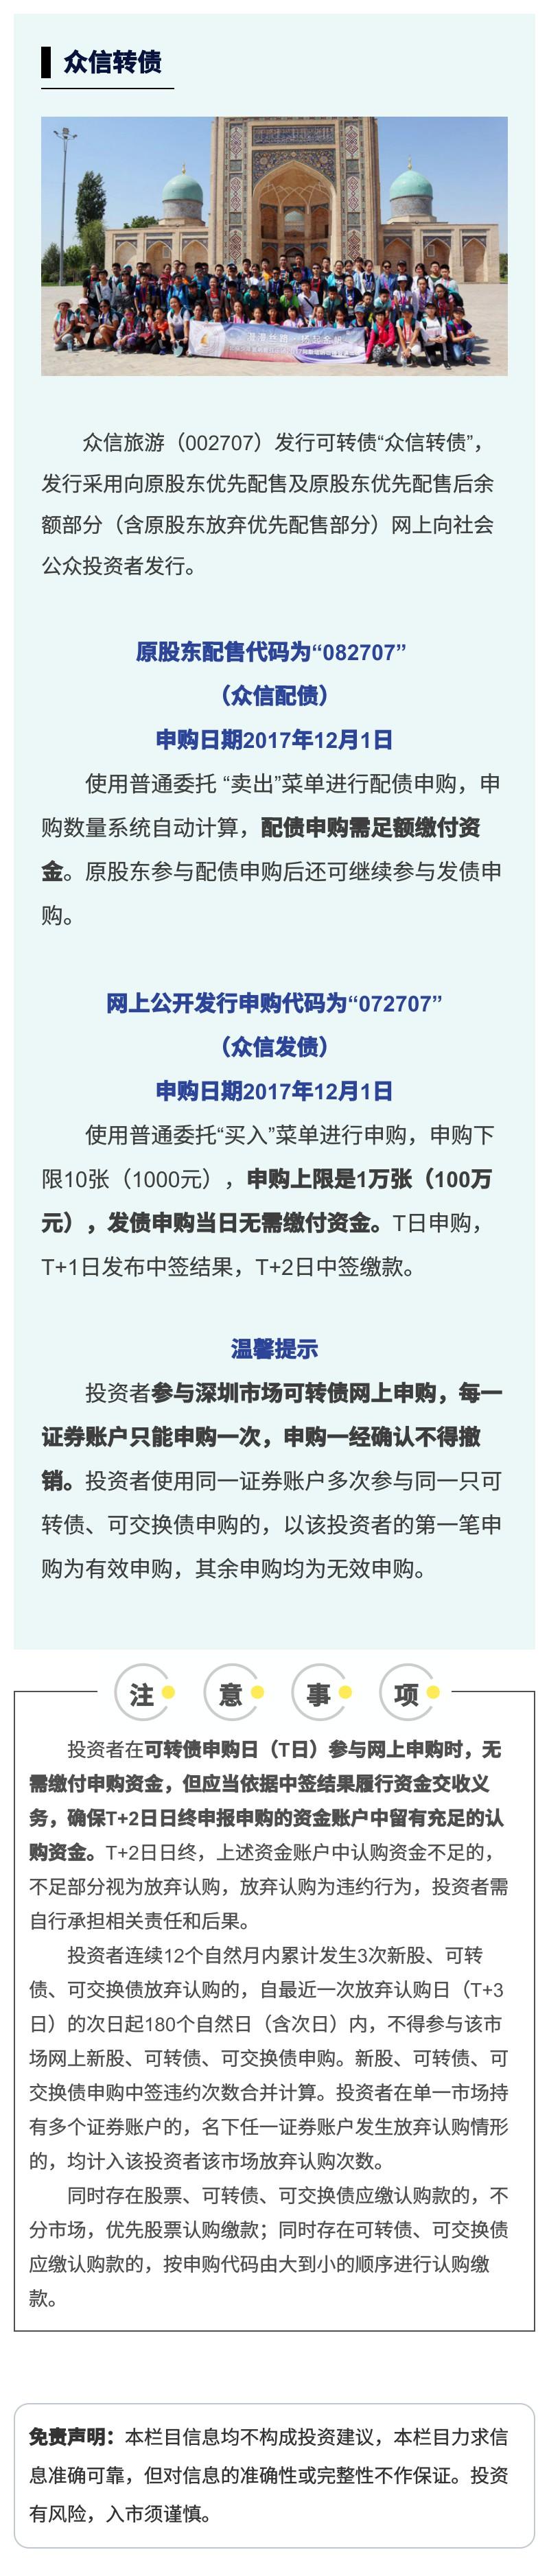 """【打新债】众信旅游(002707)发行可转债""""众信转债"""".jpg"""